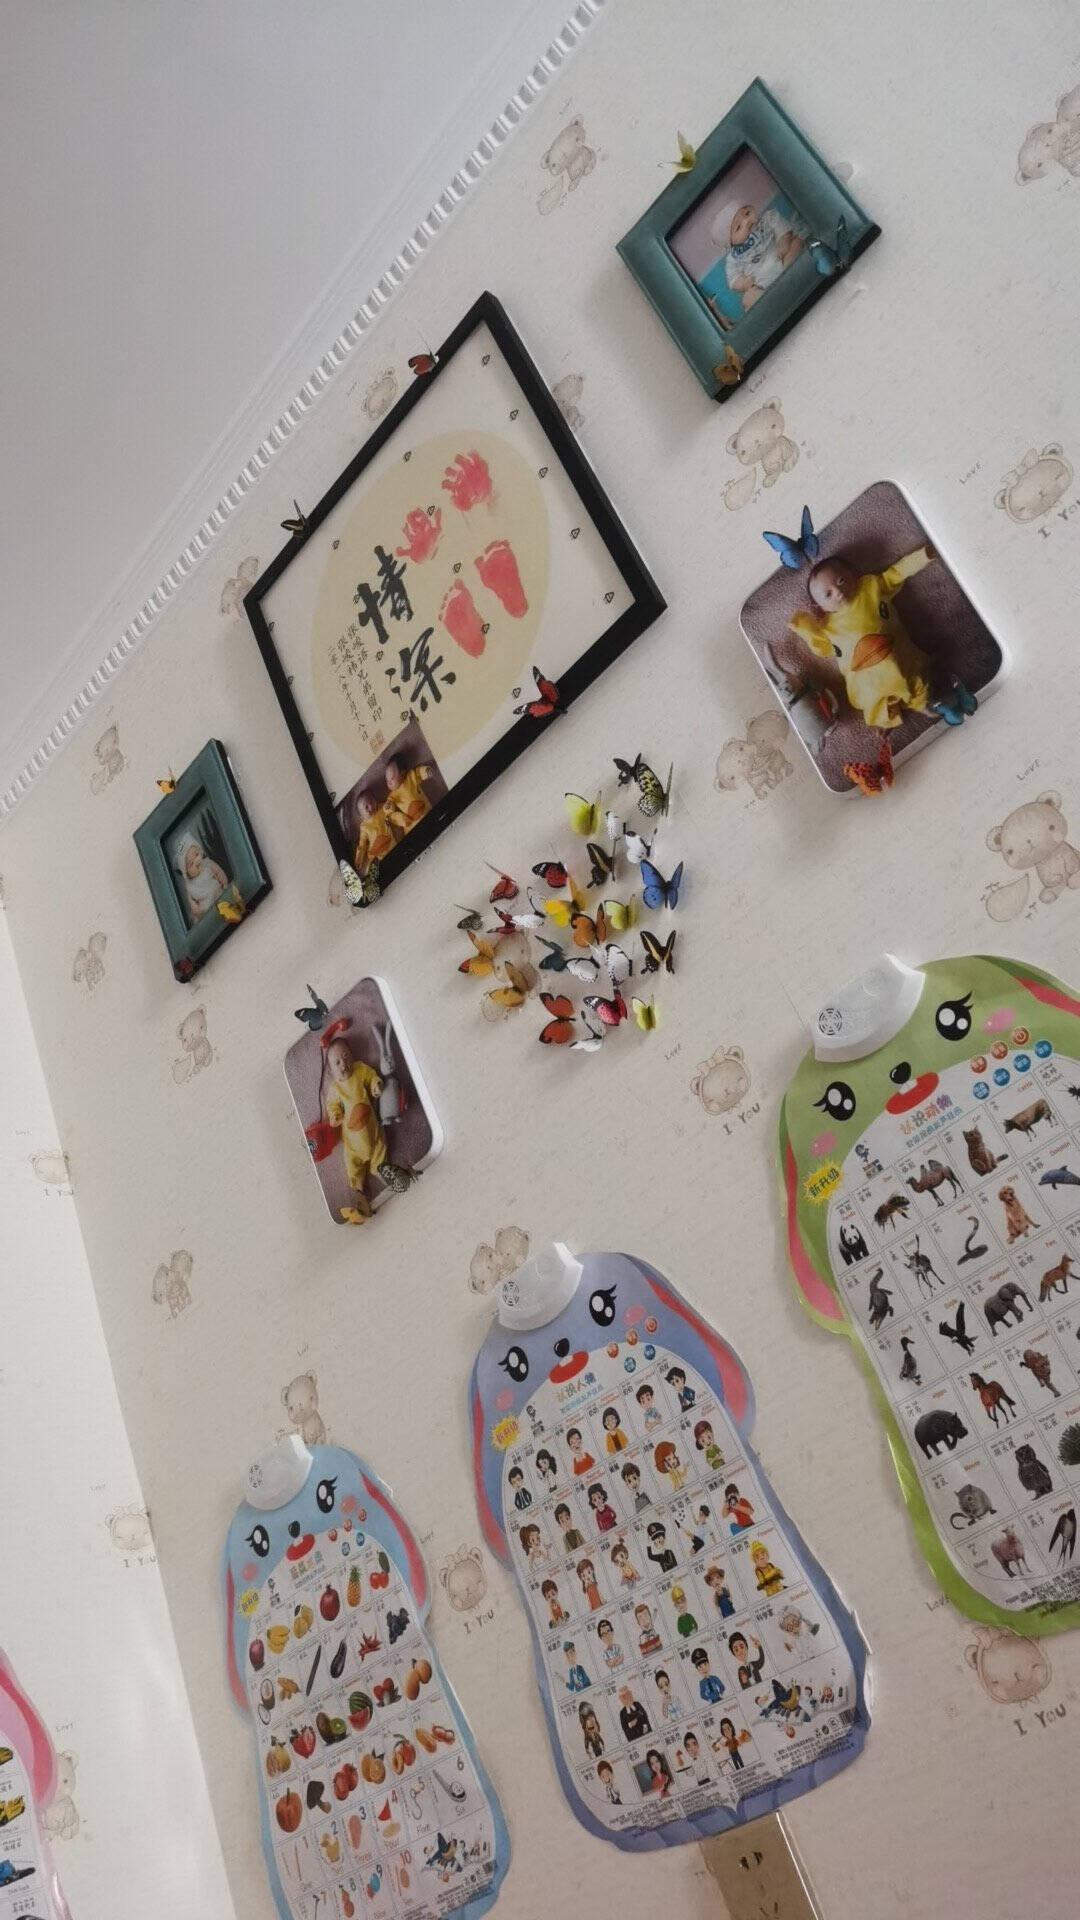 吉朵芸(19只)3D立体仿真蝴蝶贴儿童房客厅沙发背景电视墙卧室床头墙贴冰箱贴衣柜贴自粘墙纸壁画H1-001--19只中